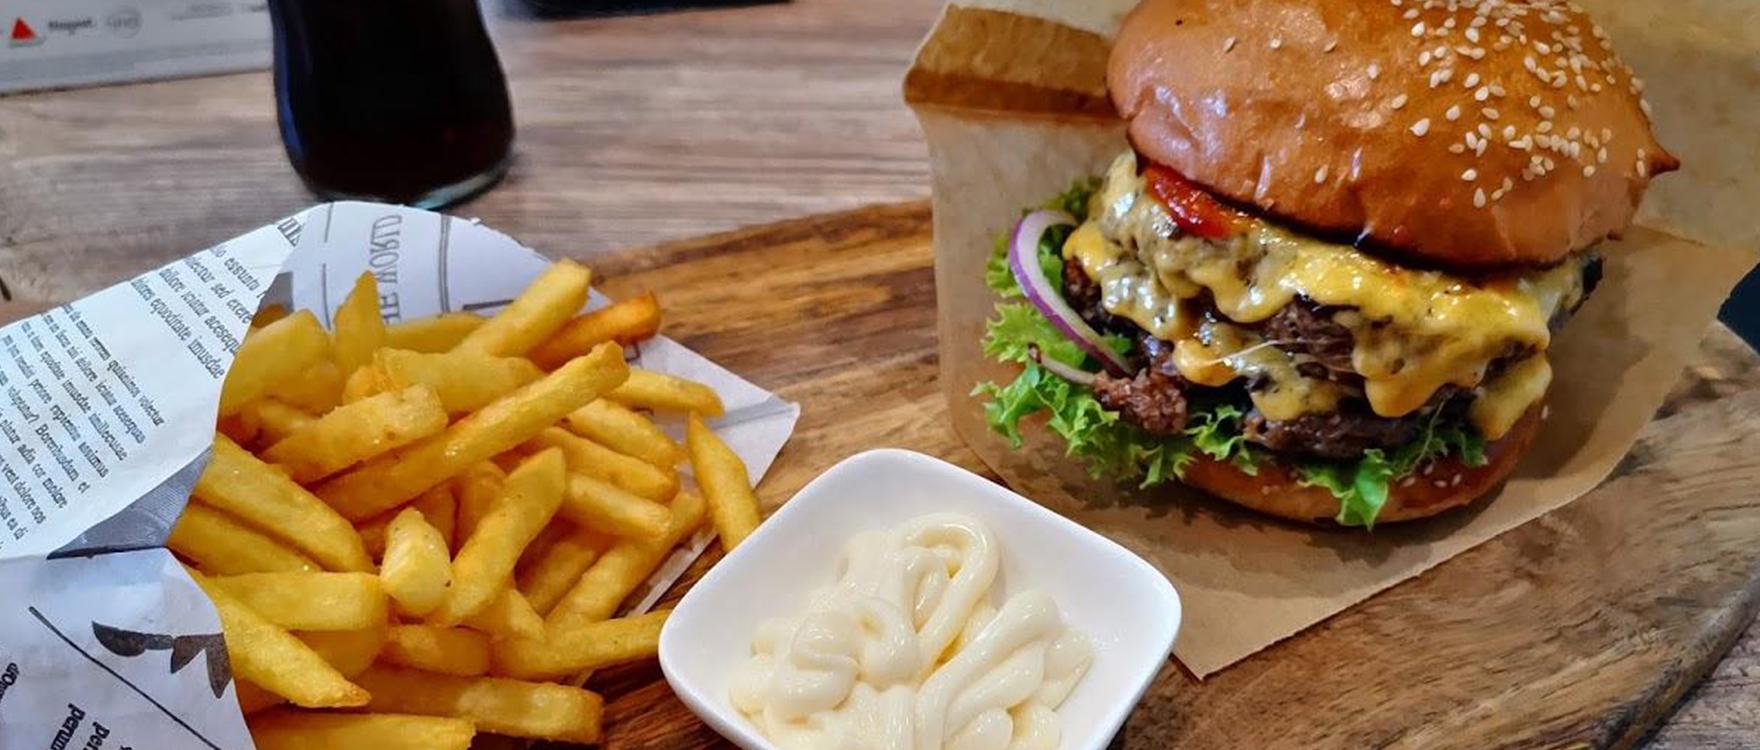 burgermeister-mainz-banner-003